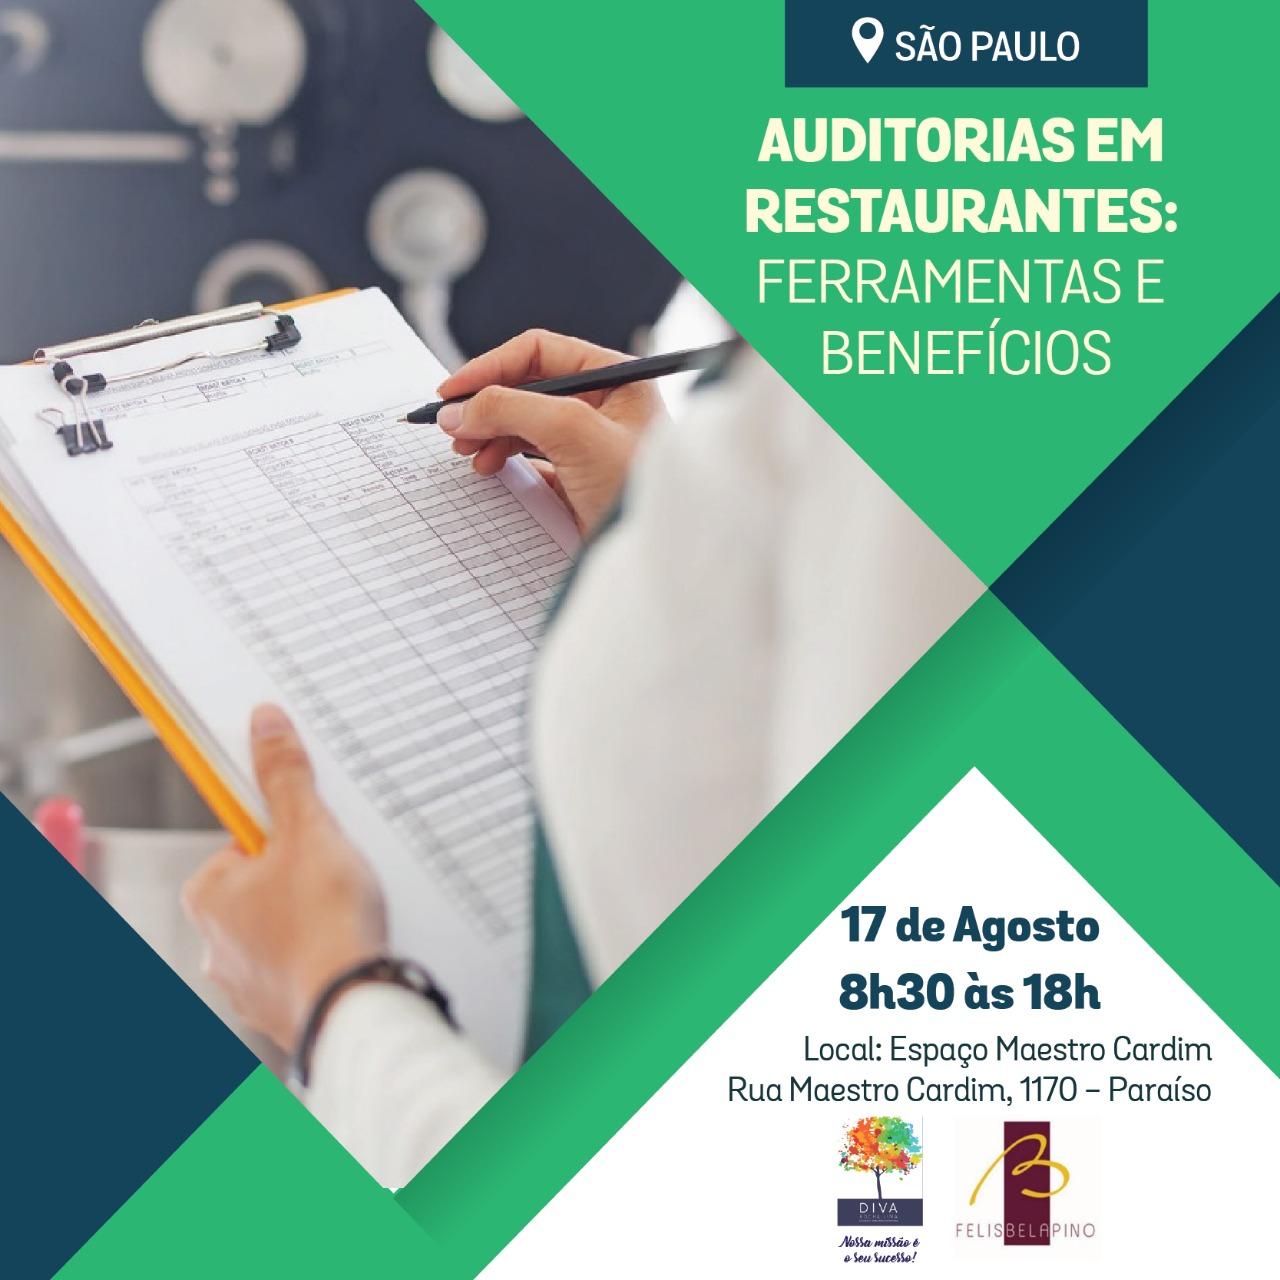 São Paulo – Auditorias em Restaurantes: Ferramentas e Benefícios